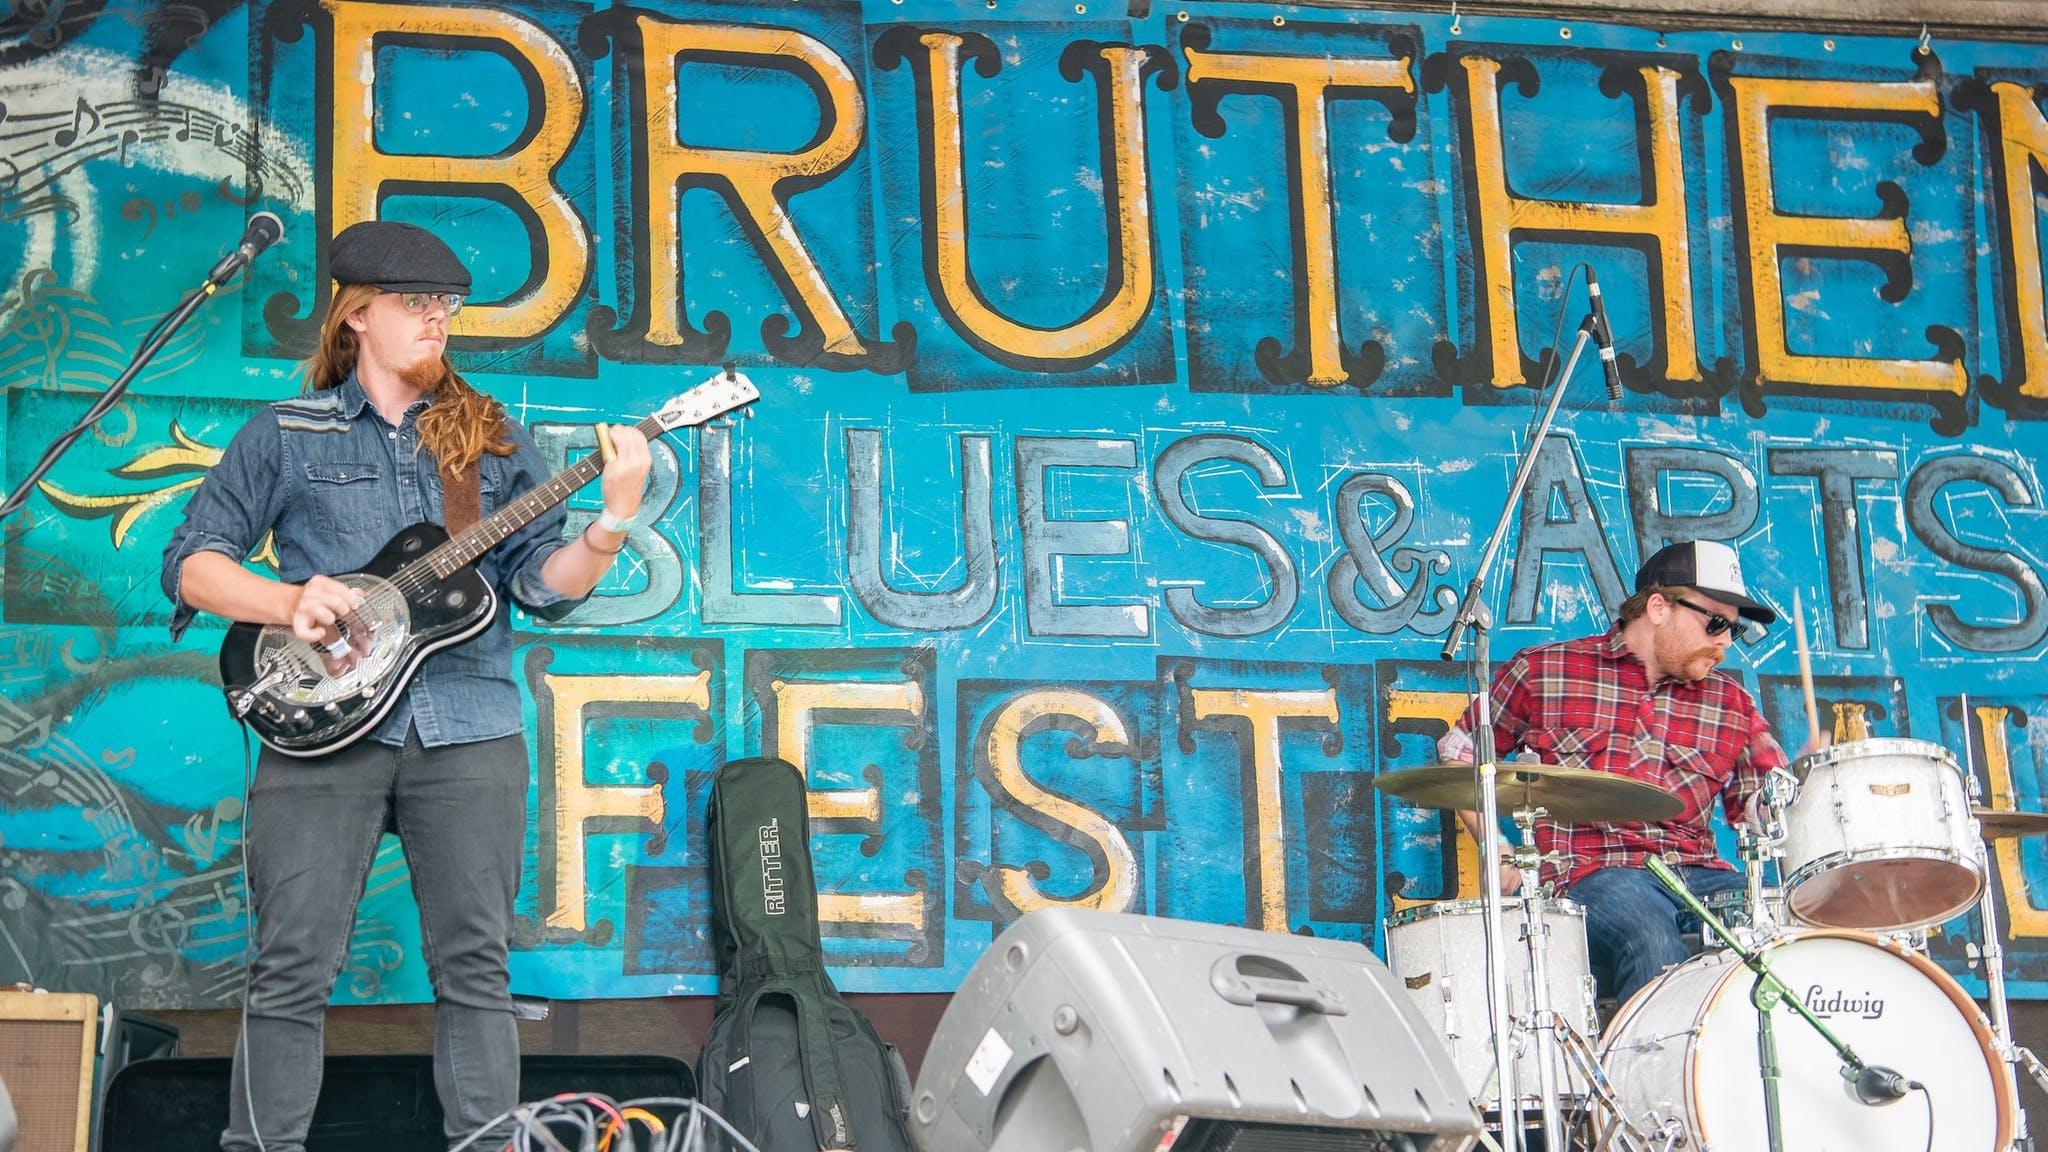 Bruthen Blues